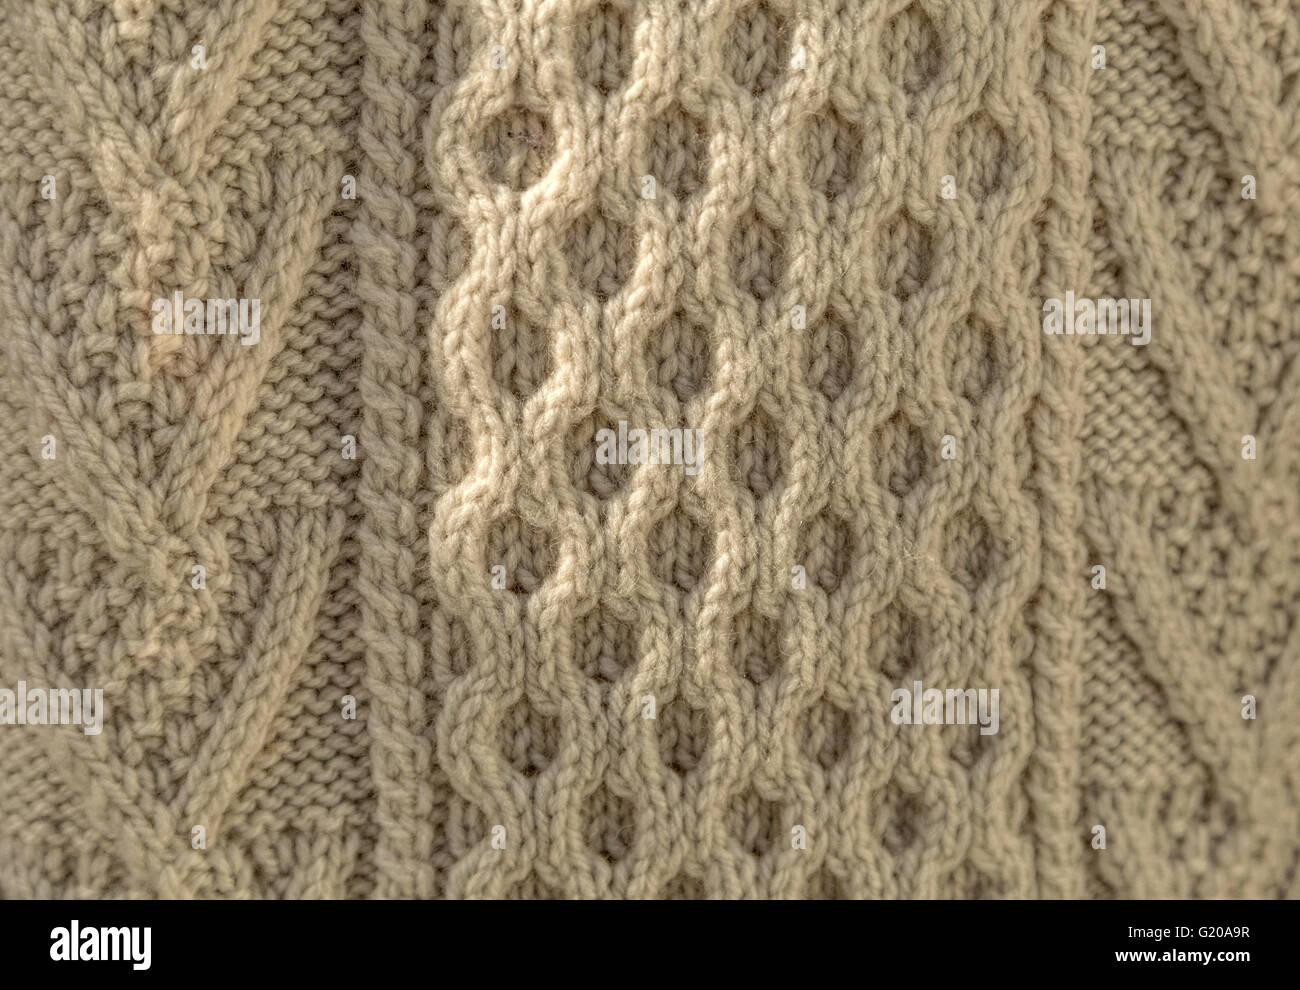 Aran Sweater Imágenes De Stock & Aran Sweater Fotos De Stock - Alamy